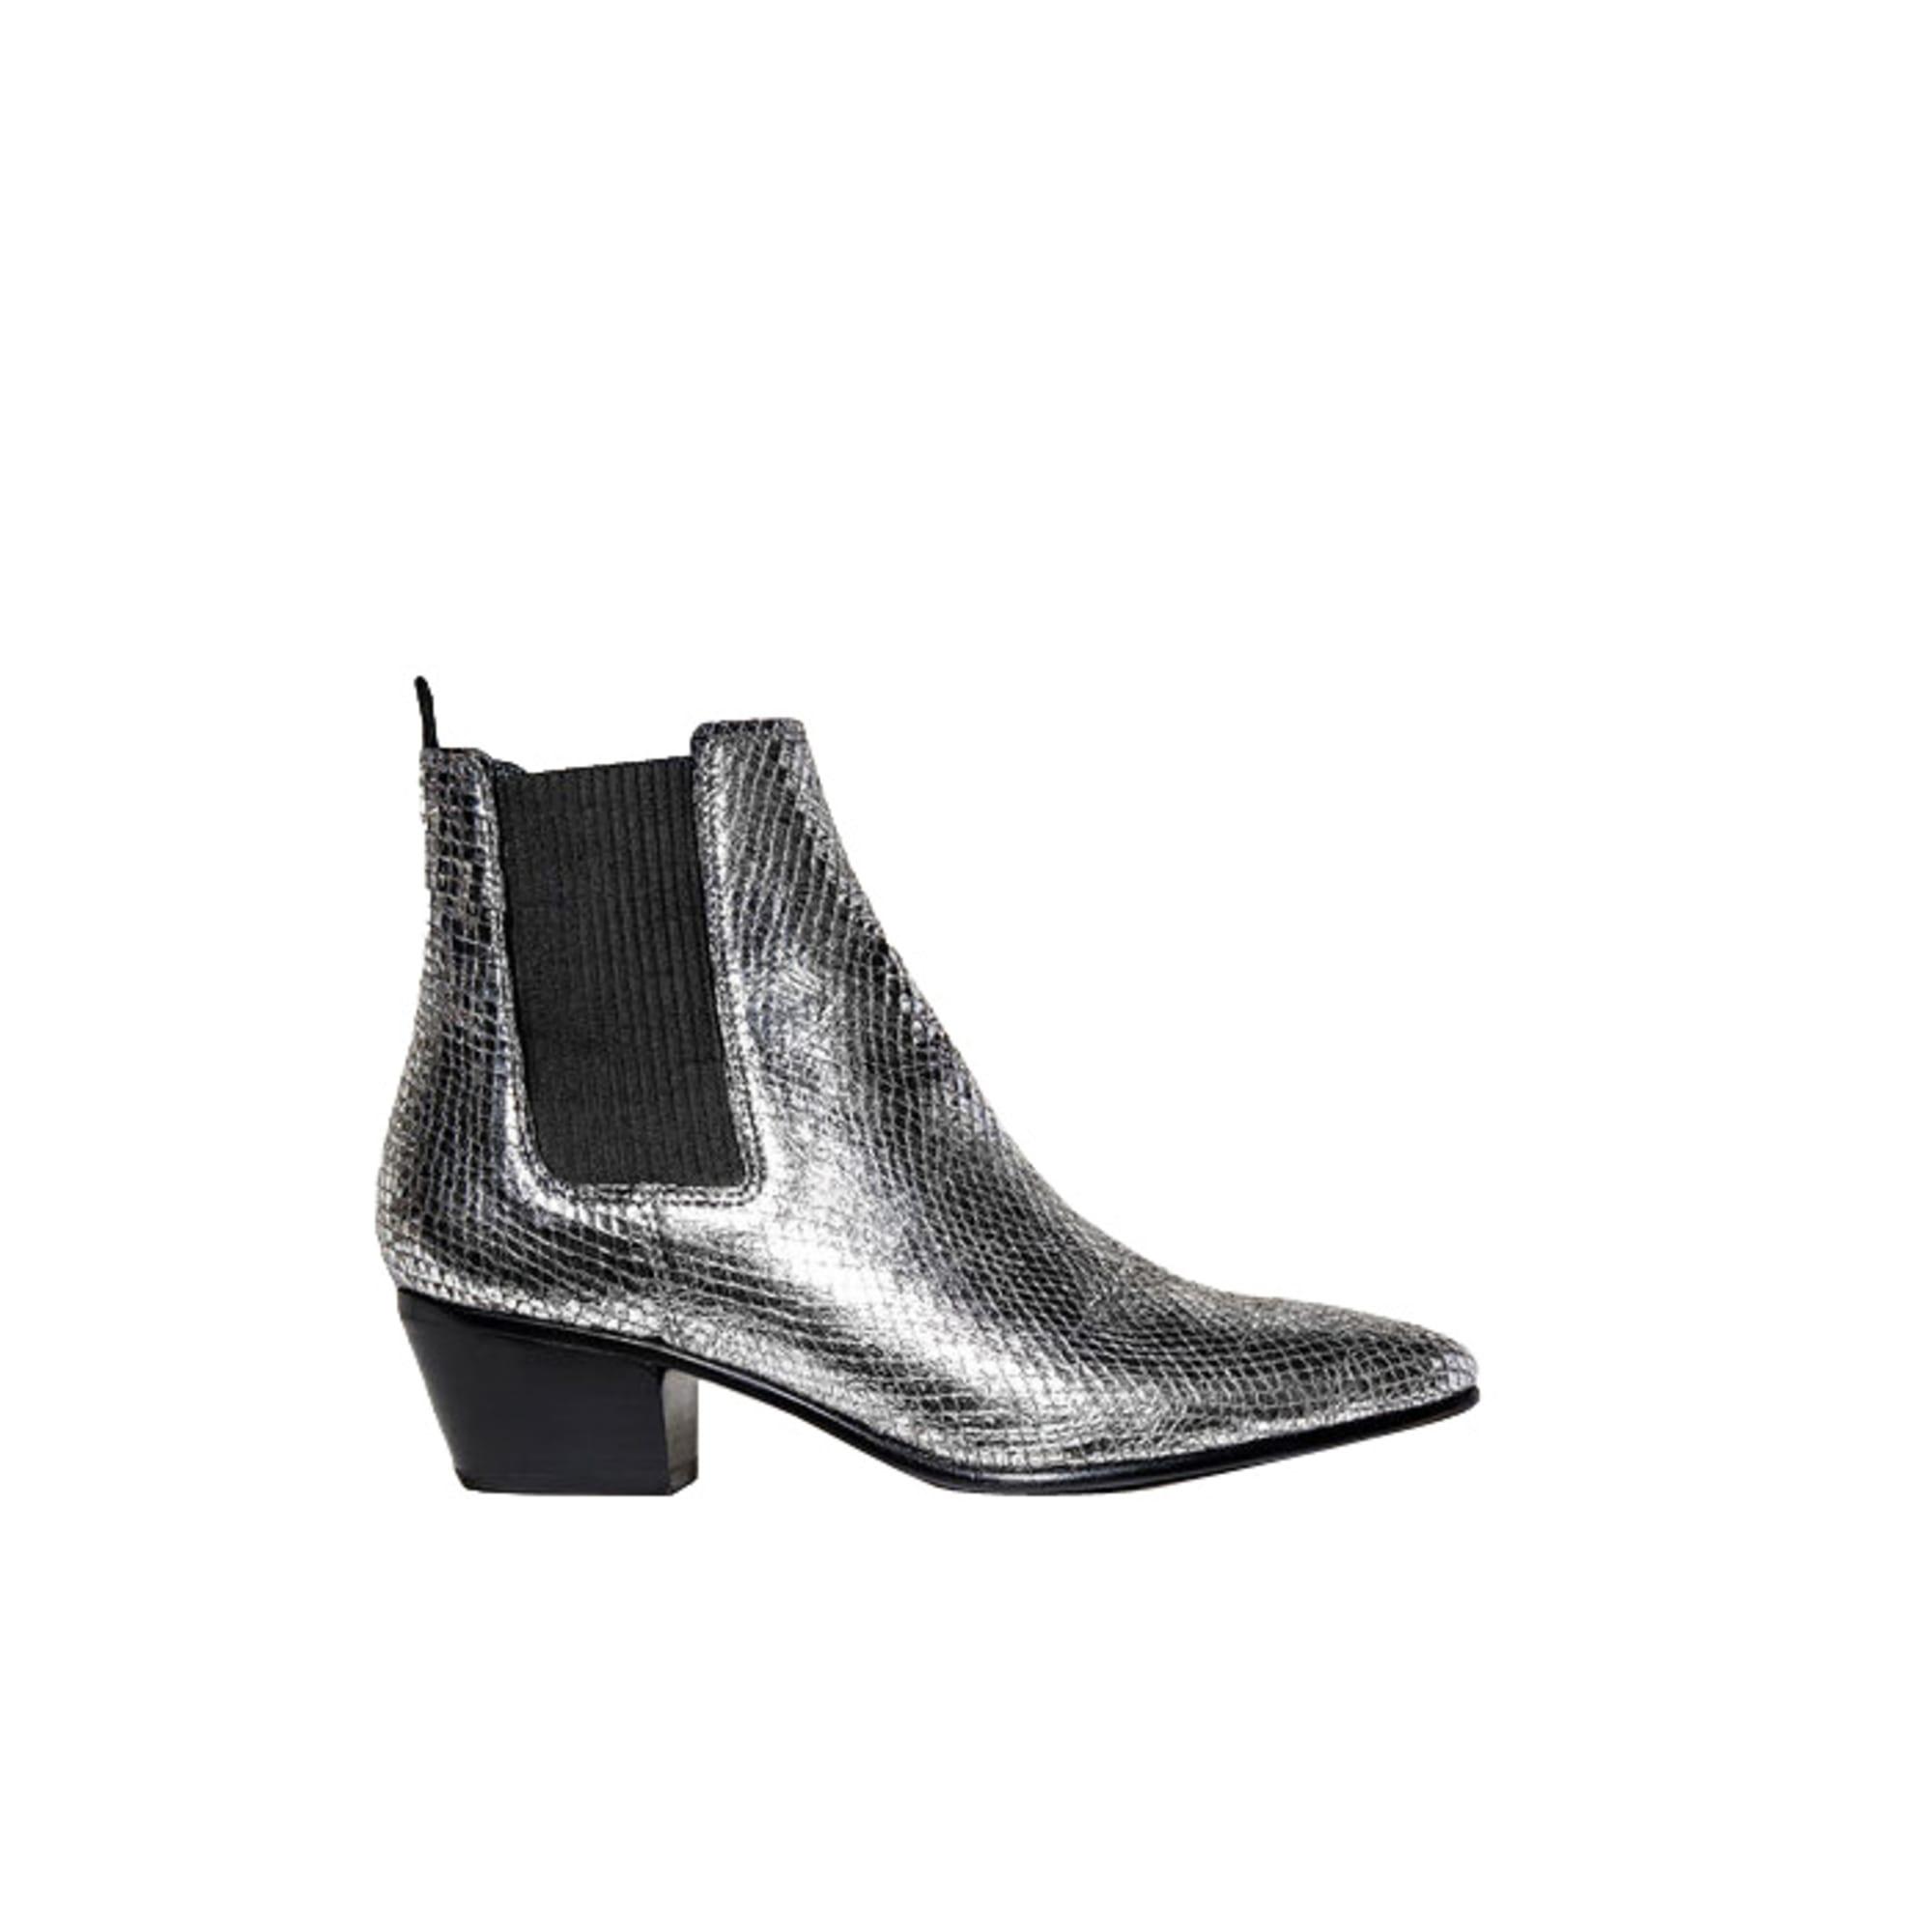 96009c71d41 Bottines   low boots à talons MAJE 39 argenté vendu par Nikodressing ...